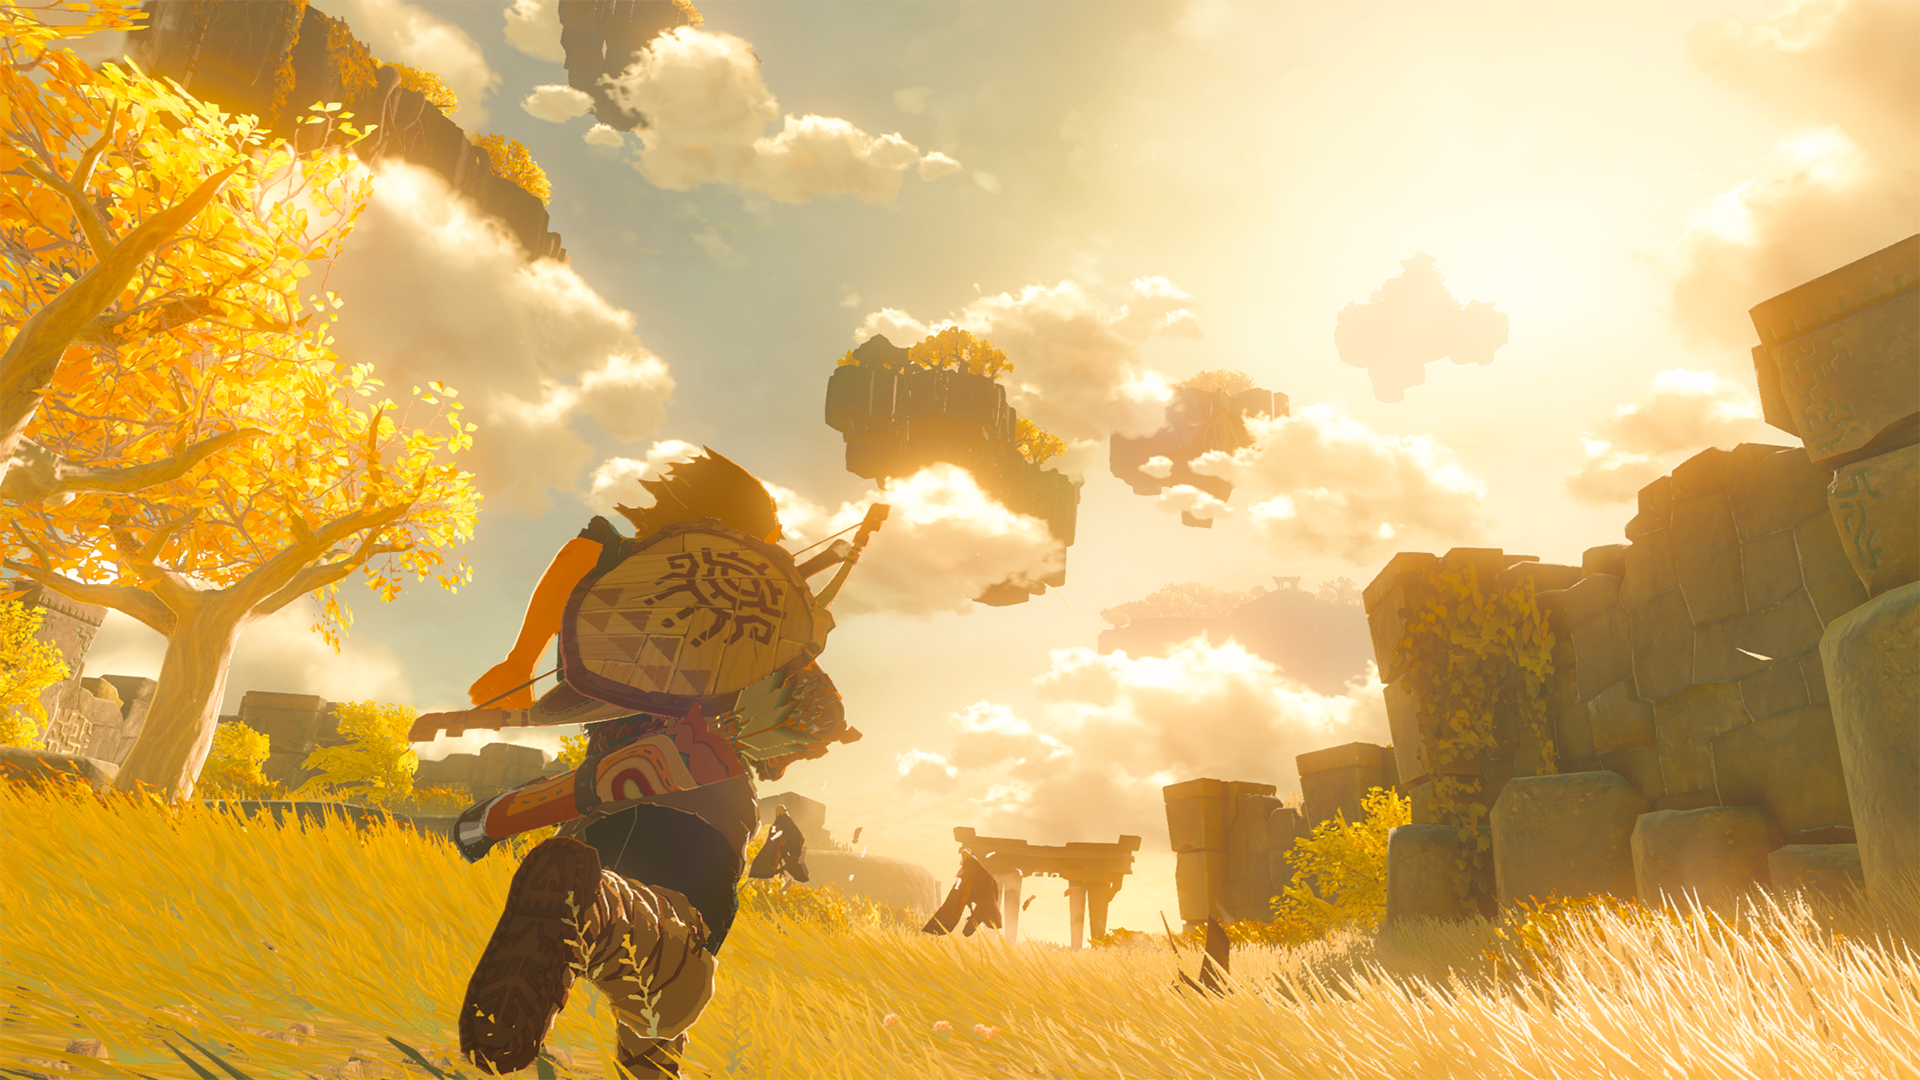 The Legend of Zelda Breath of the Wild Sequel 2021 06 15 21 008